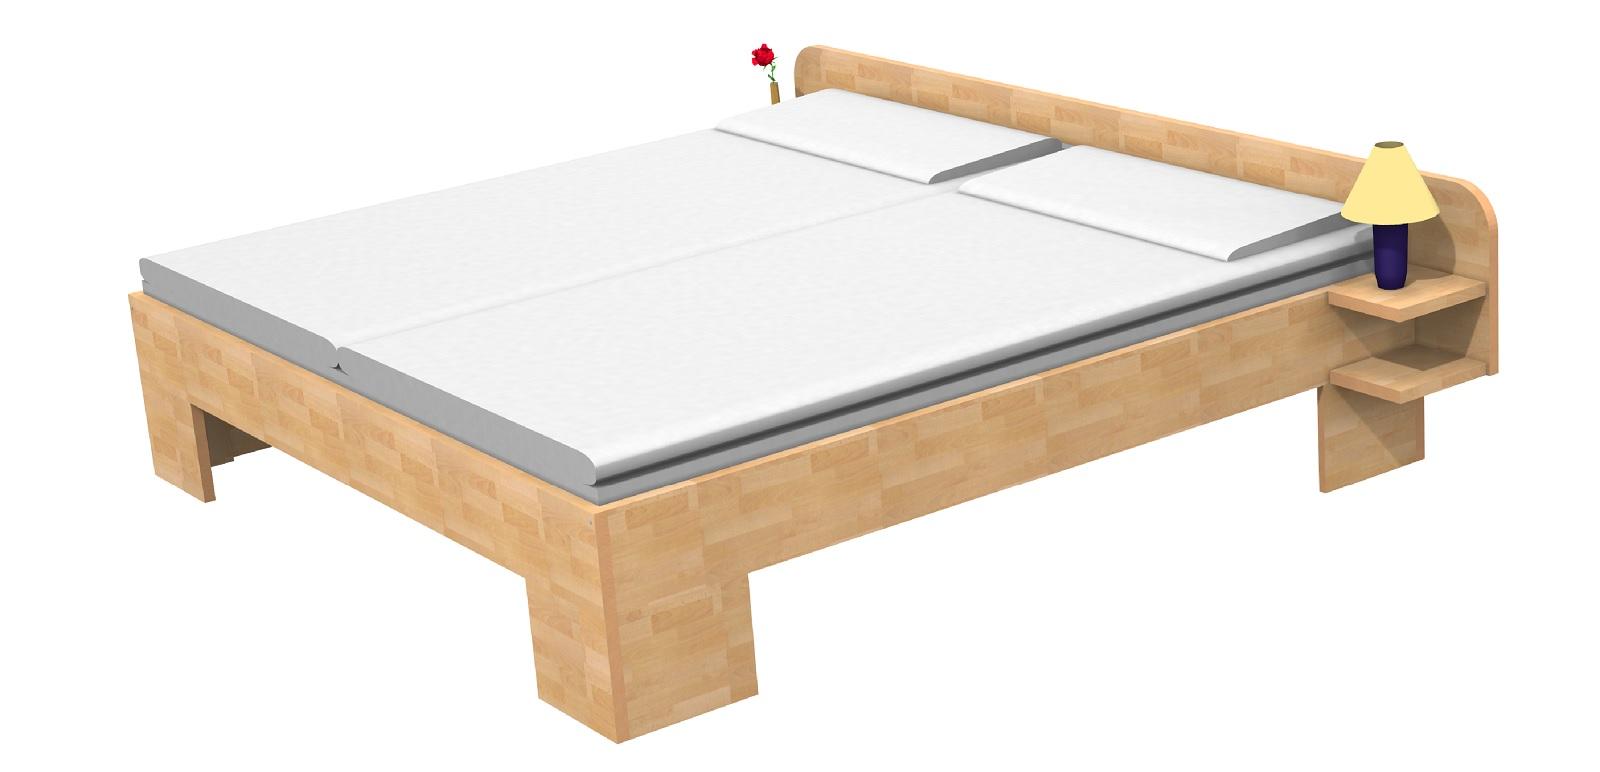 Doppelbett Free Doppelbett Futonbett X Betten With